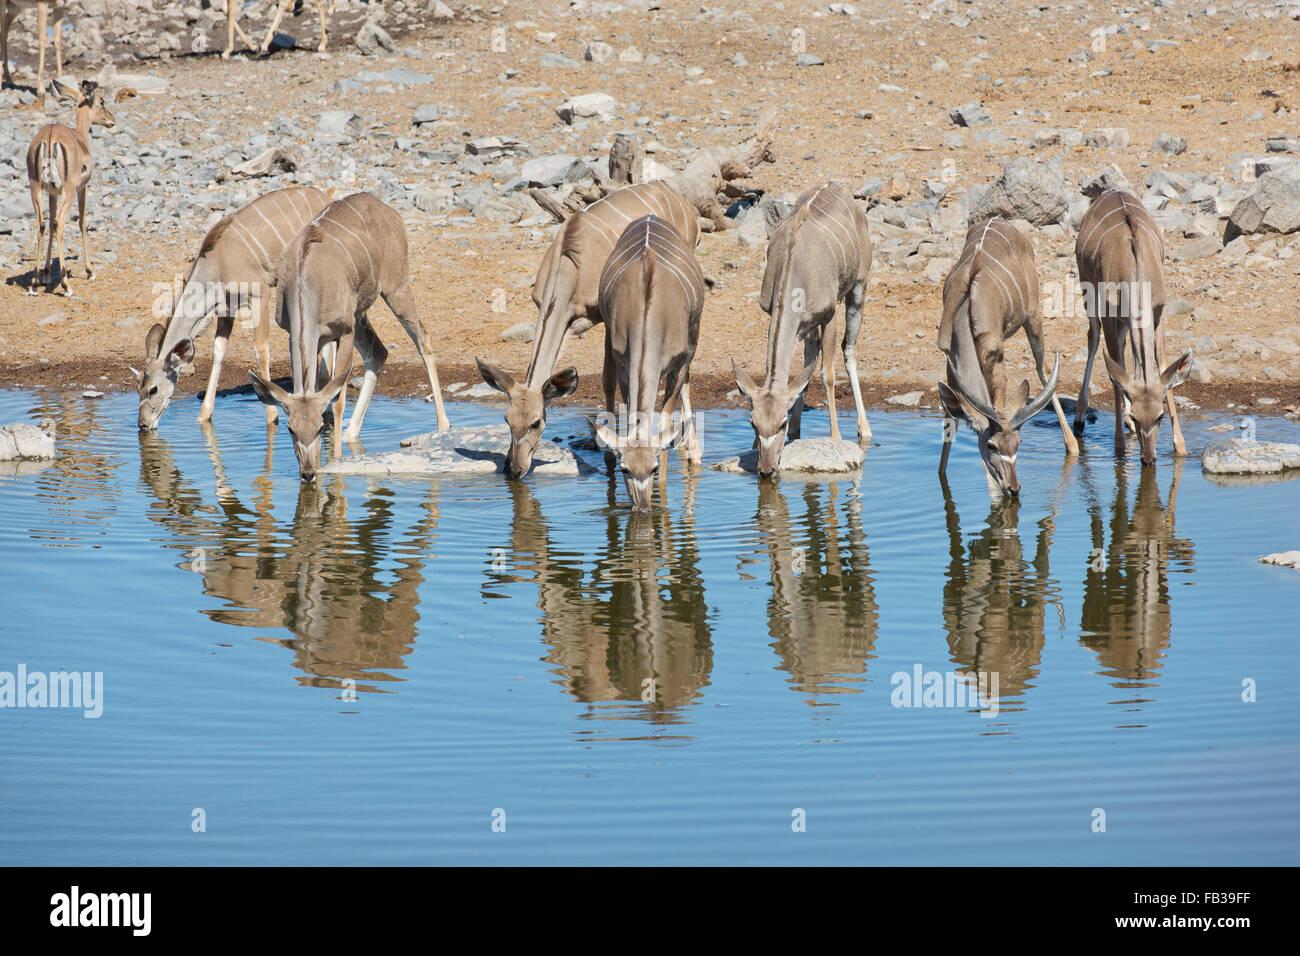 Herd of Greater Kudu (Tragelaphus strepsiceros) drinking at a waterhole in Etosha National park, Namibia - Stock Image